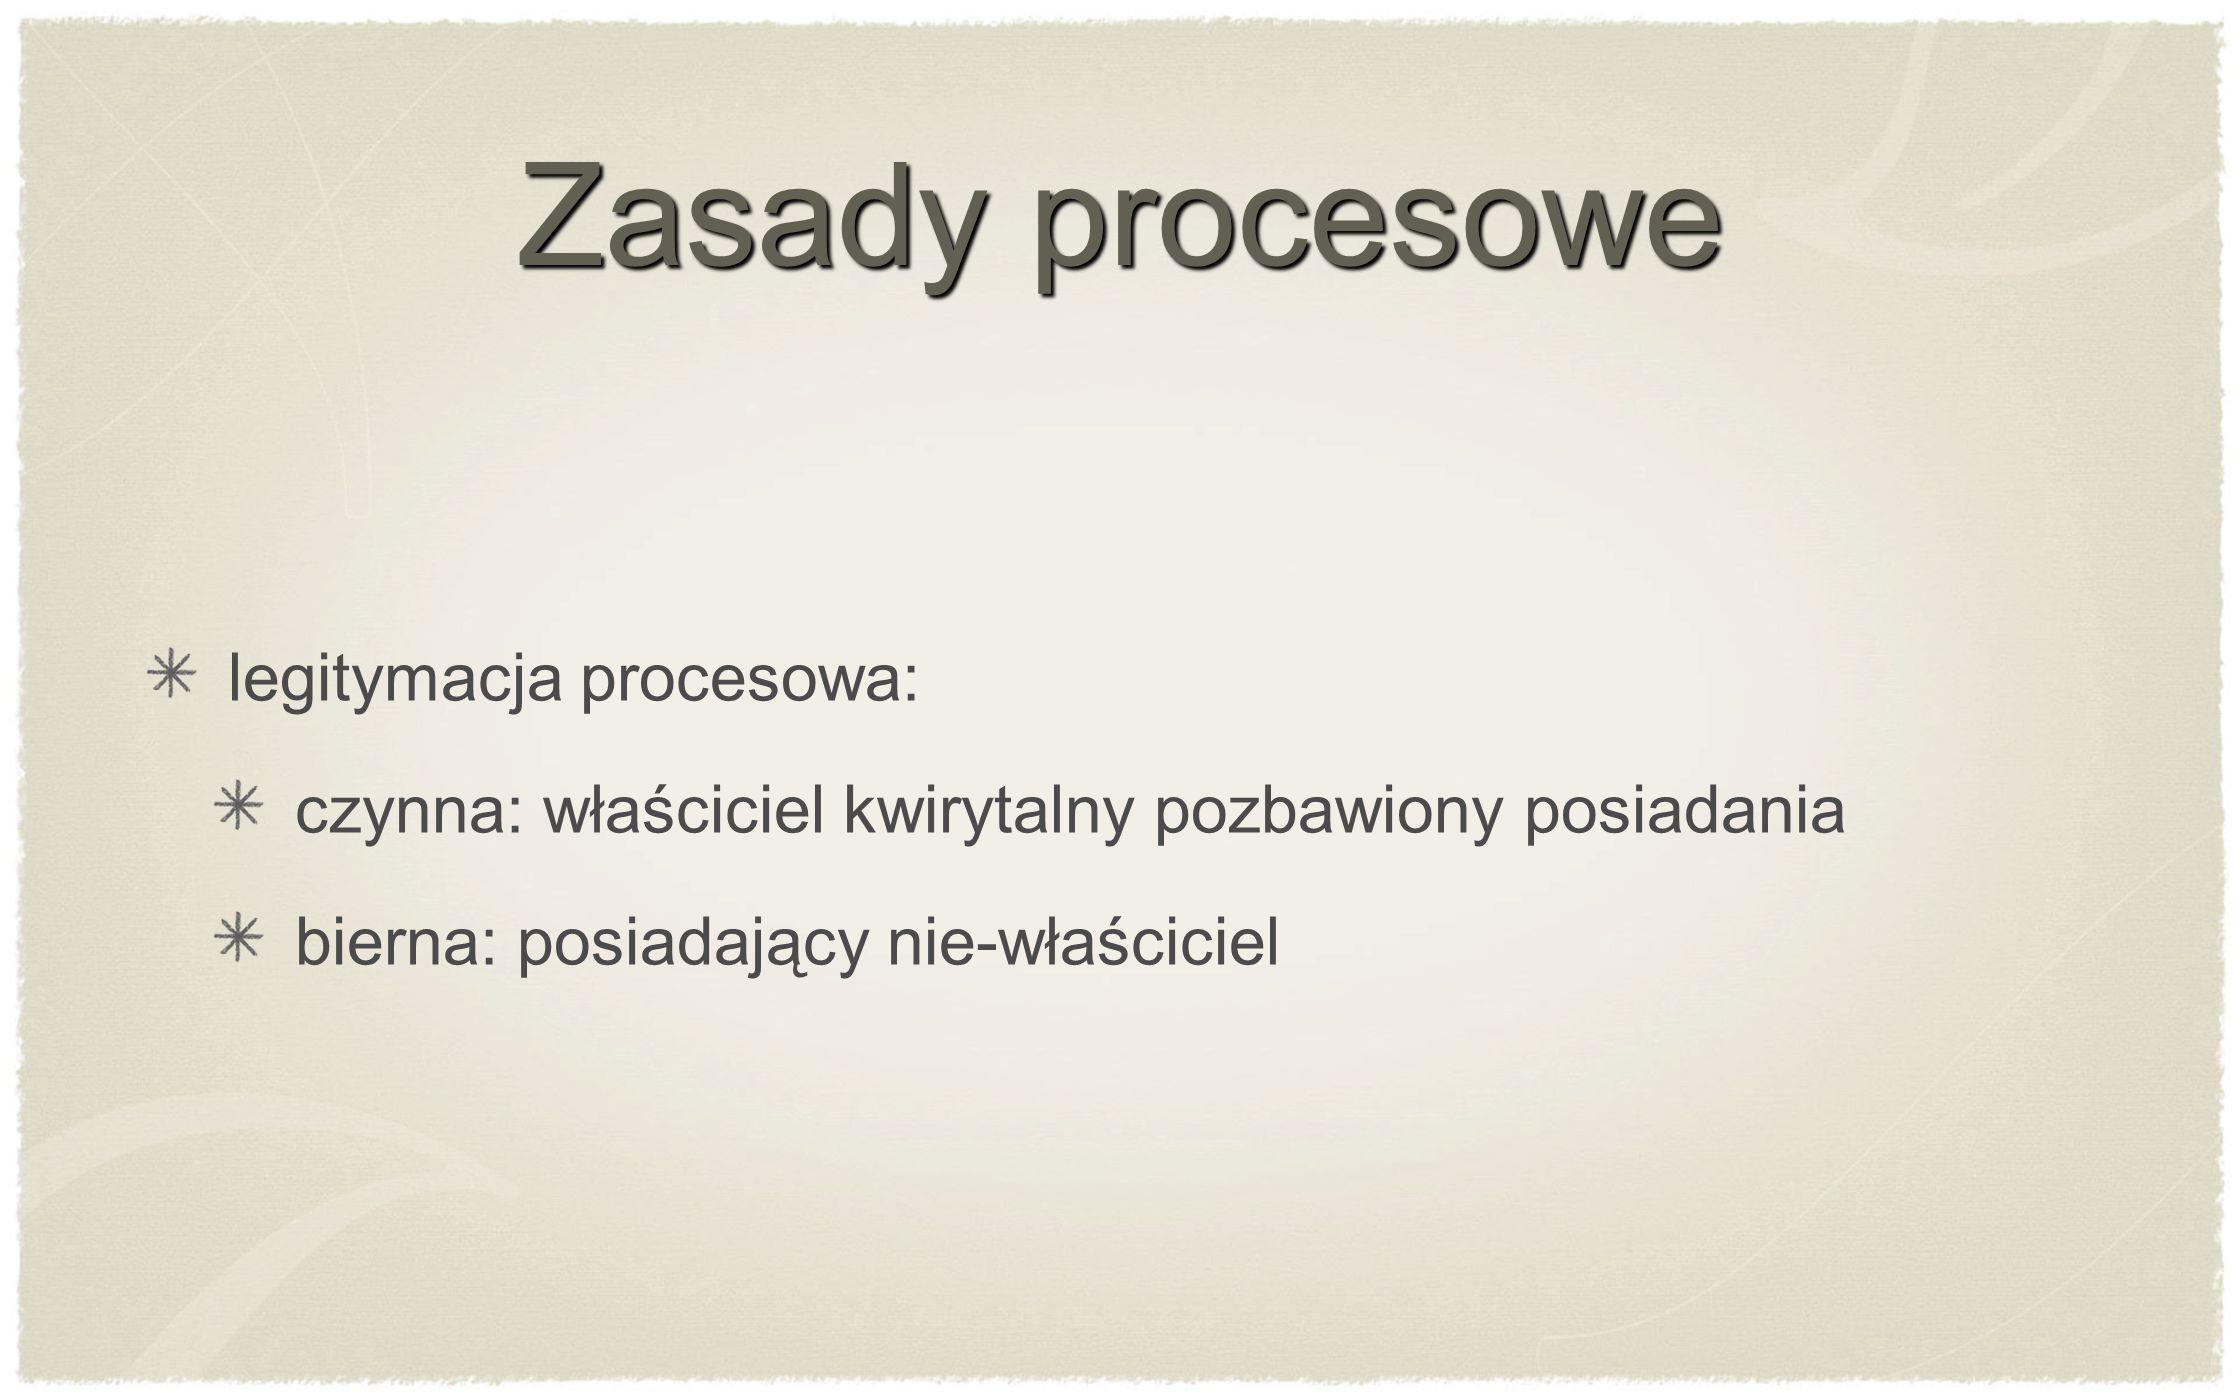 Zasady procesowe legitymacja procesowa: